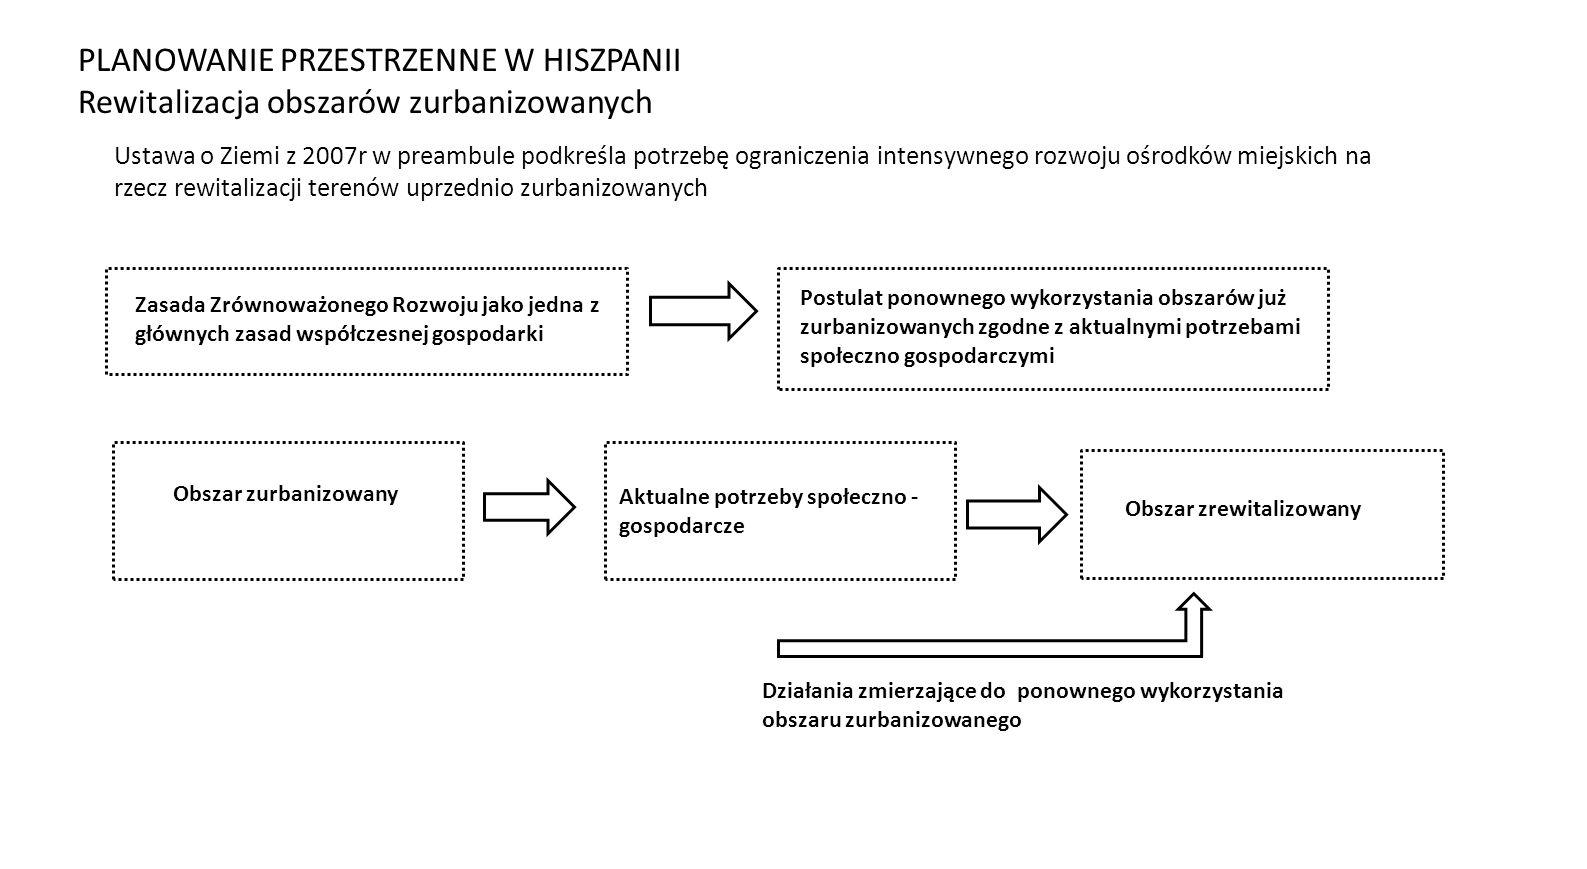 Zasada Zrównoważonego Rozwoju jako jedna z głównych zasad współczesnej gospodarki Postulat ponownego wykorzystania obszarów już zurbanizowanych zgodne z aktualnymi potrzebami społeczno gospodarczymi Obszar zurbanizowany Obszar zrewitalizowany Aktualne potrzeby społeczno - gospodarcze Działania zmierzające do ponownego wykorzystania obszaru zurbanizowanego Ustawa o Ziemi z 2007r w preambule podkreśla potrzebę ograniczenia intensywnego rozwoju ośrodków miejskich na rzecz rewitalizacji terenów uprzednio zurbanizowanych PLANOWANIE PRZESTRZENNE W HISZPANII Rewitalizacja obszarów zurbanizowanych